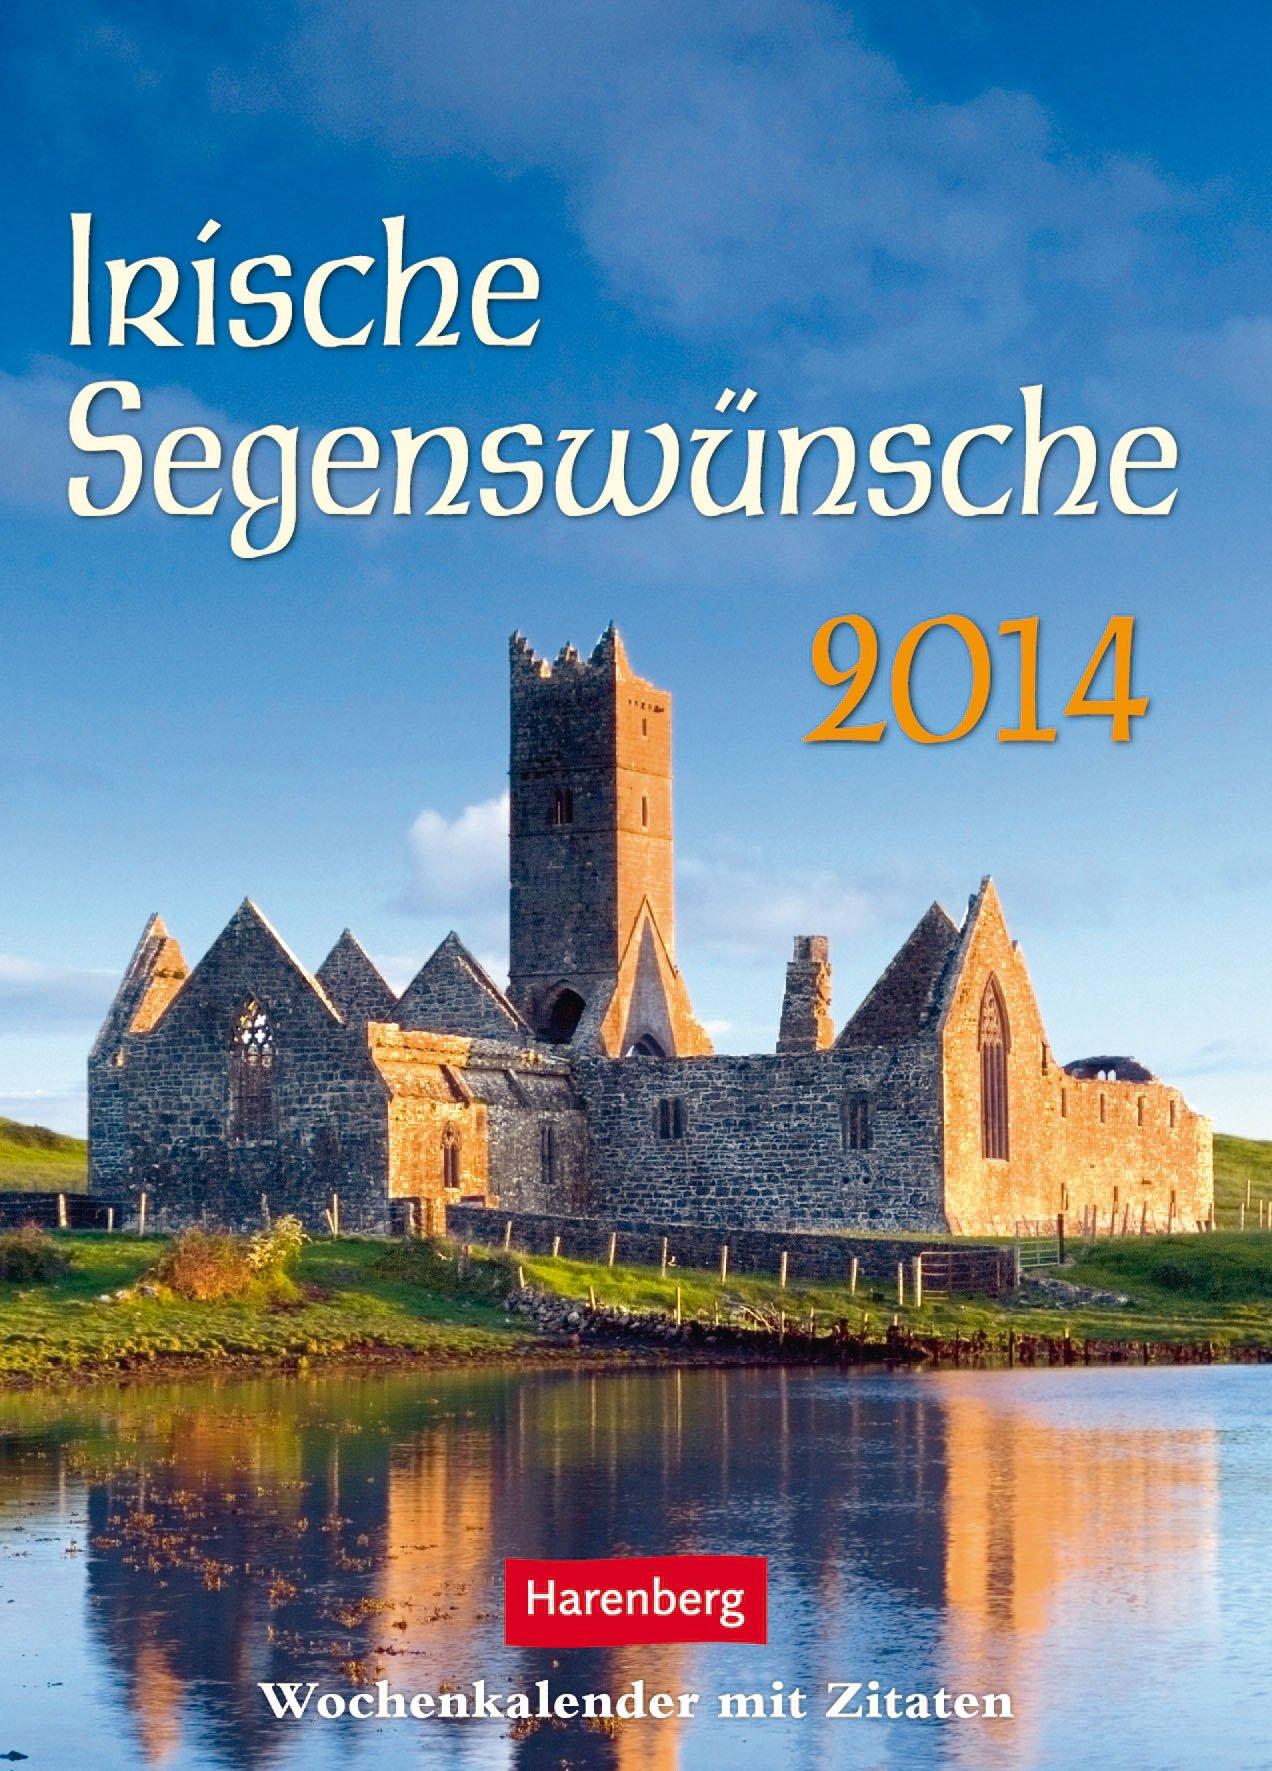 Irische Segenswünsche 2014: Wochenkalender mit Zitaten